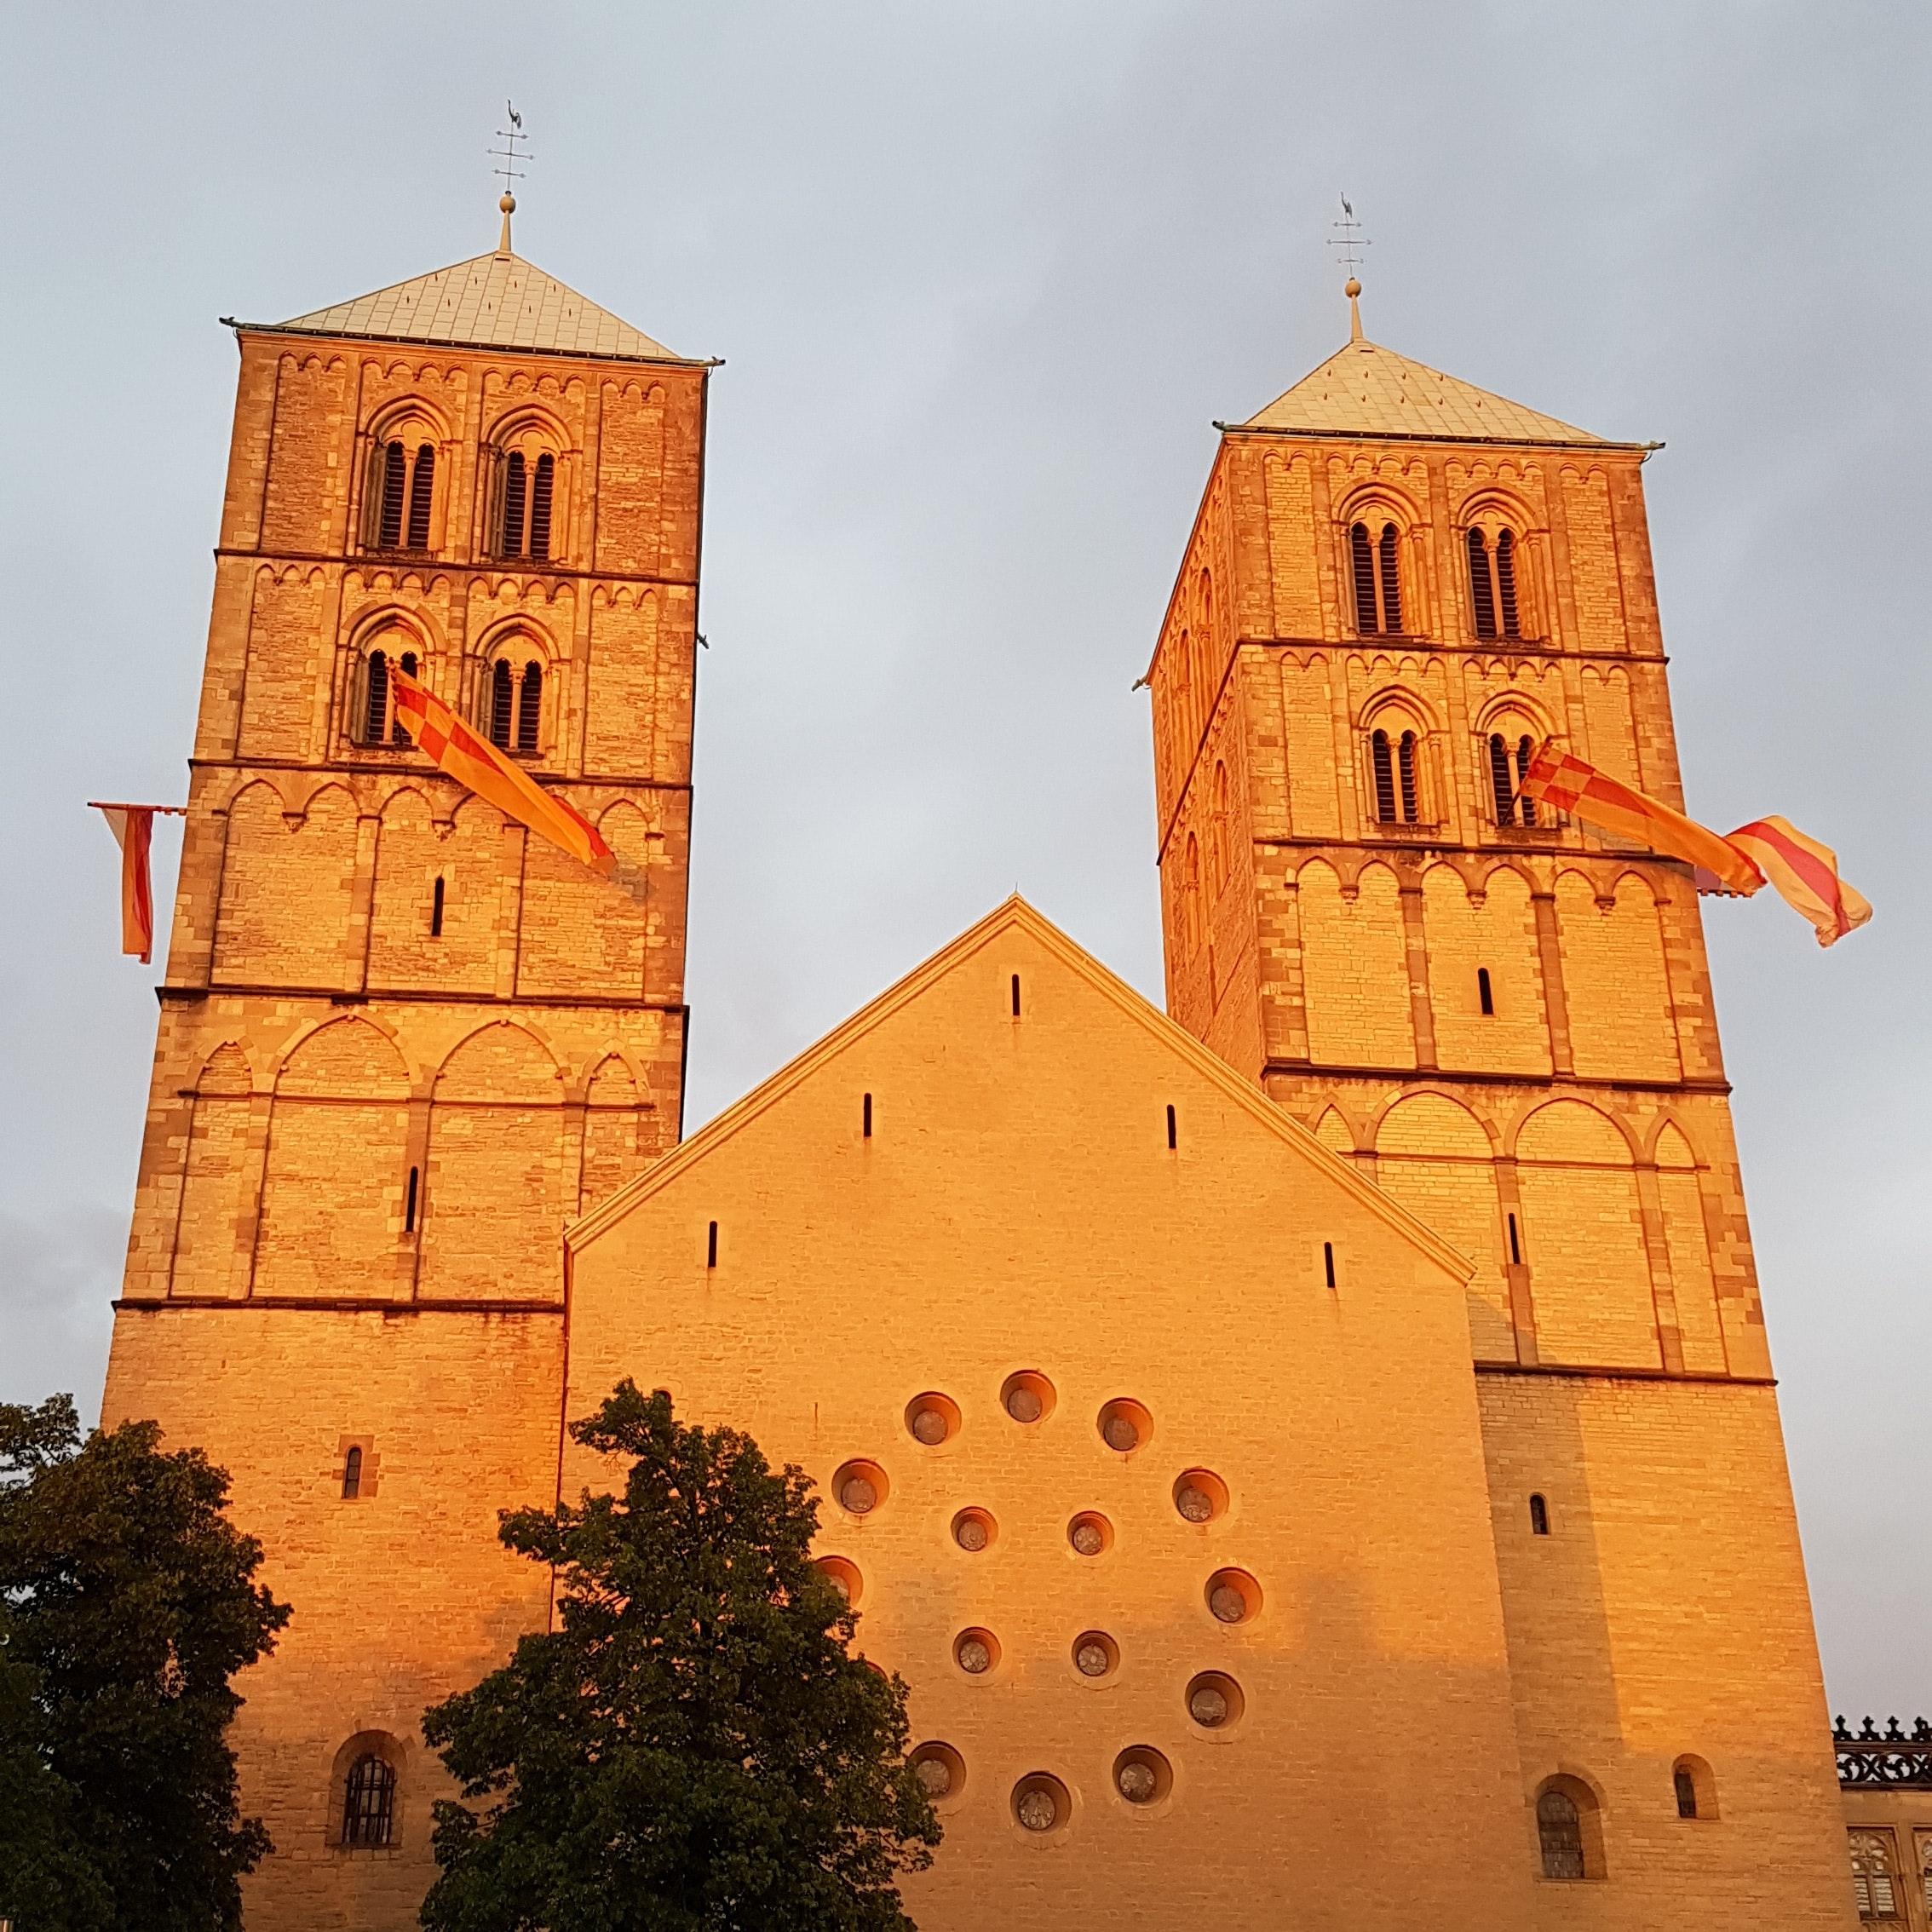 Dom in Münster am Donnserstagabend